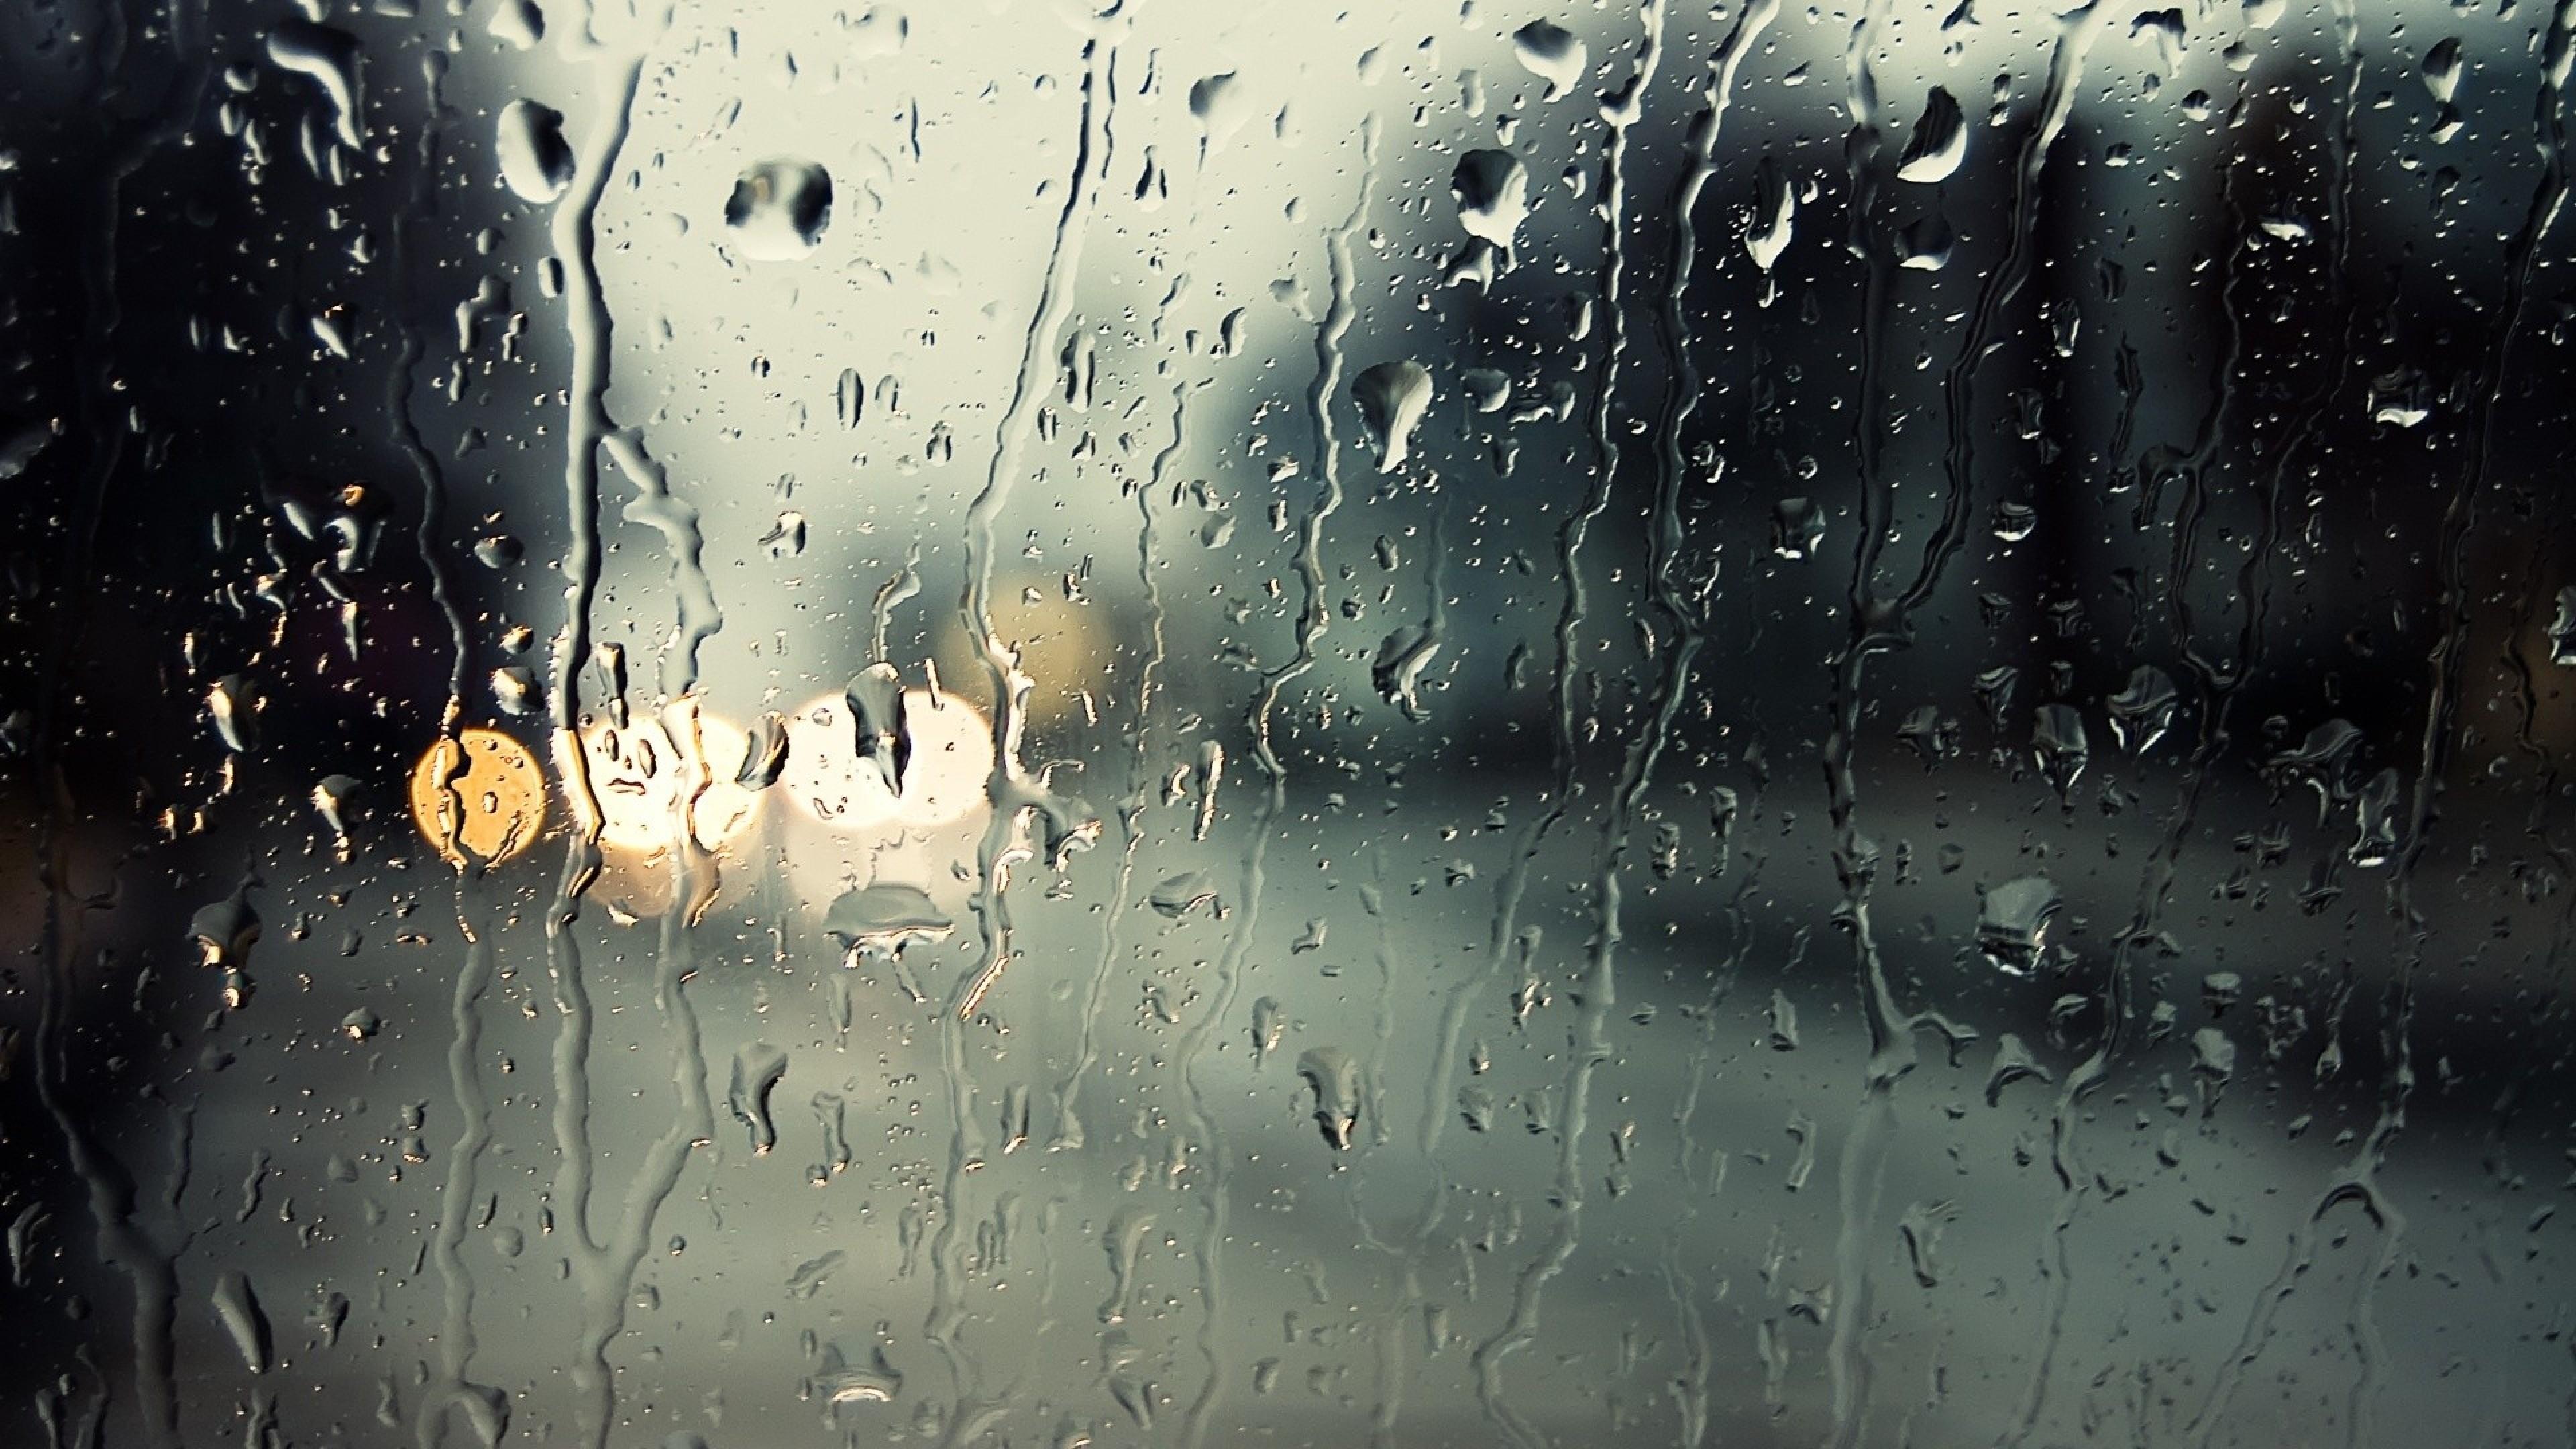 4k Rain Wallpaper (47+ Images